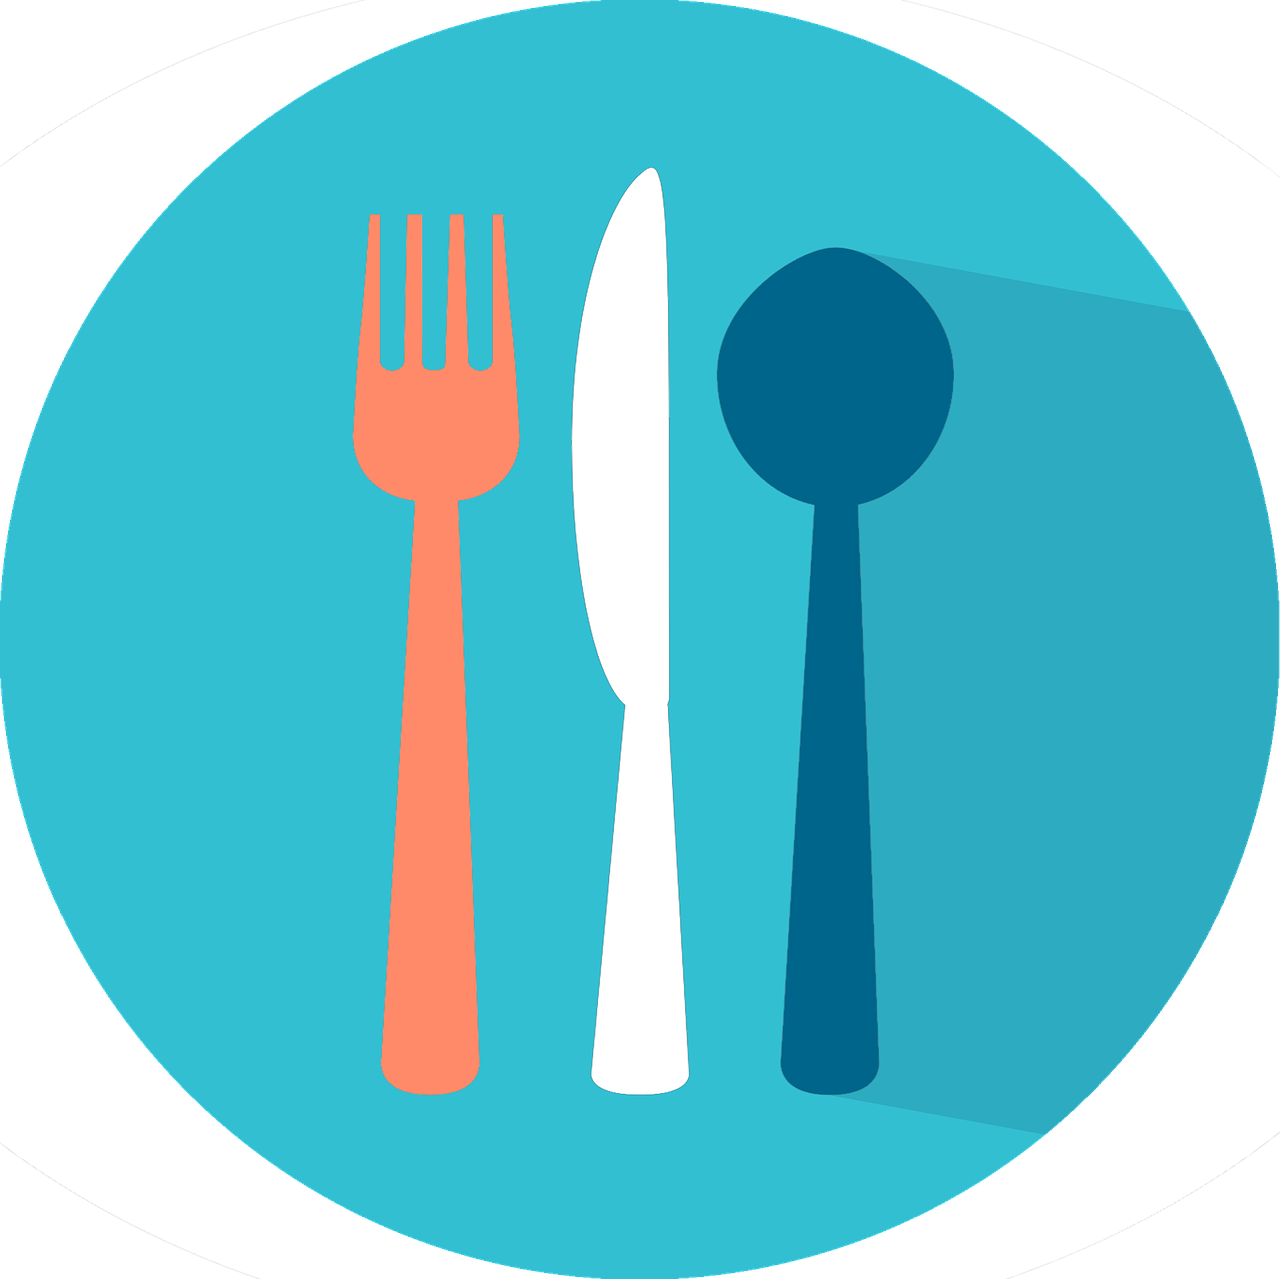 갑상선 기능 항진증 음식